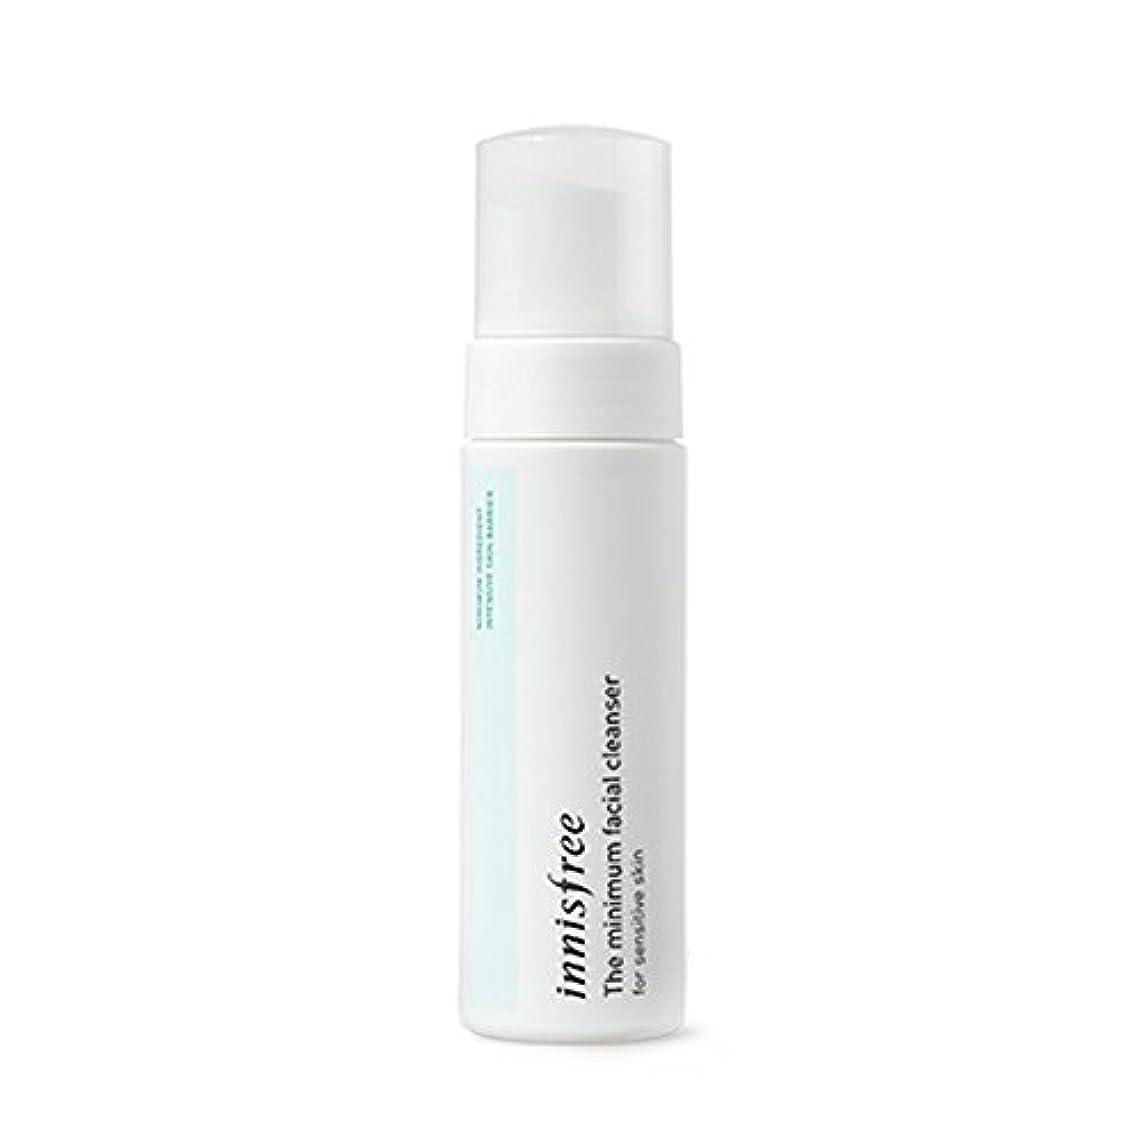 重要性タンザニア慰めイニスフリーミニフェイシャルクレンザー70ml Innisfree The Minimum Facial Cleanser 70ml [海外直送品][並行輸入品]